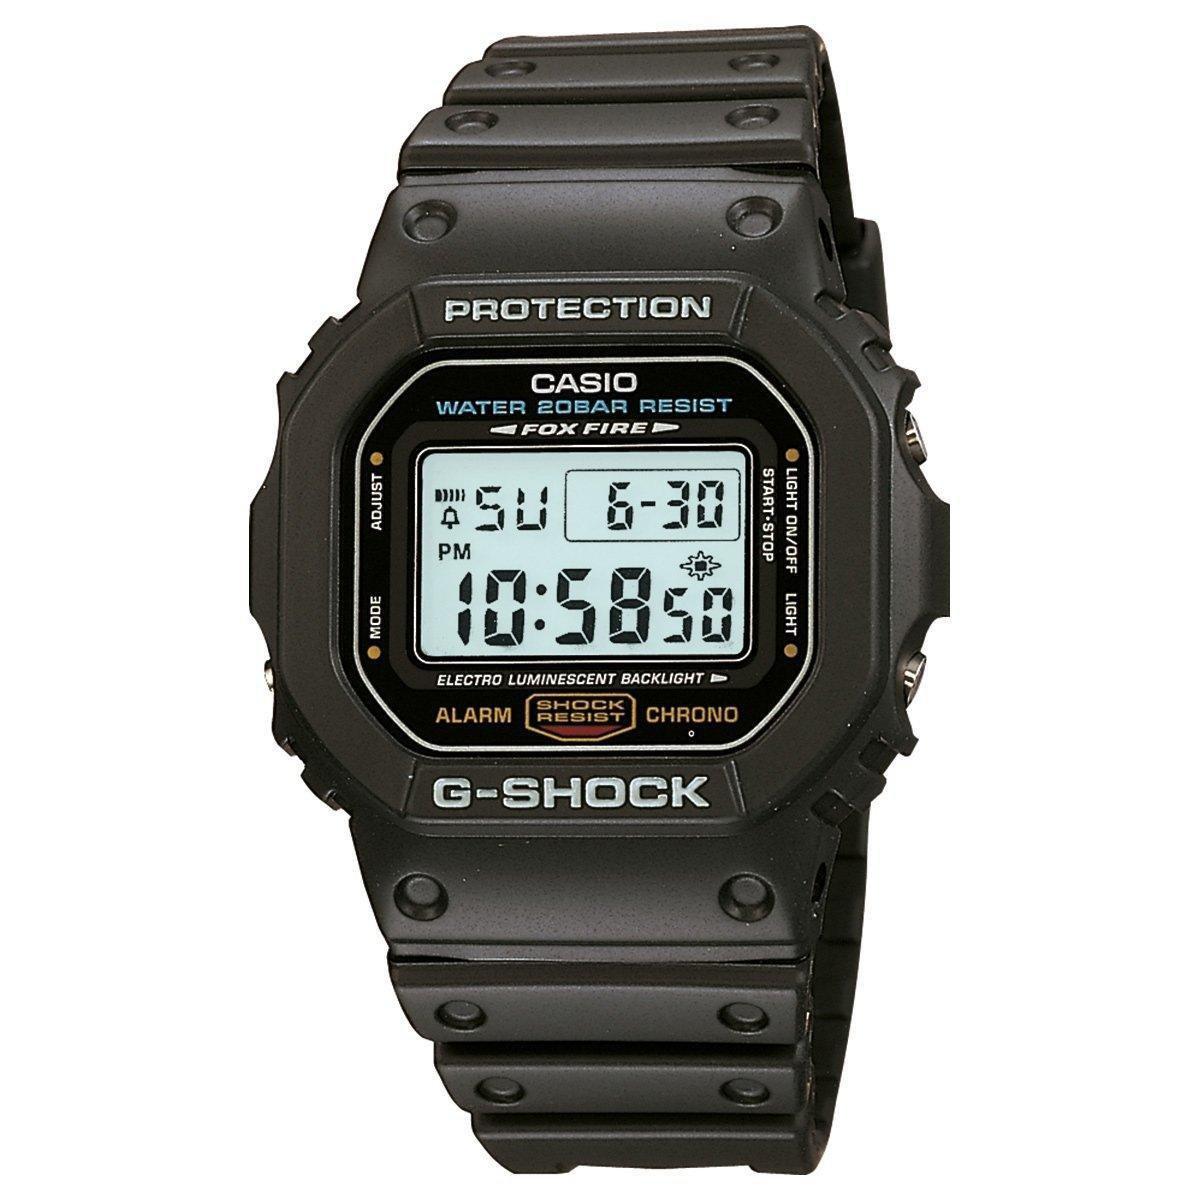 a243b5148a6 Relógio G-Shock Digital DW5600 - Preto - Compre Agora